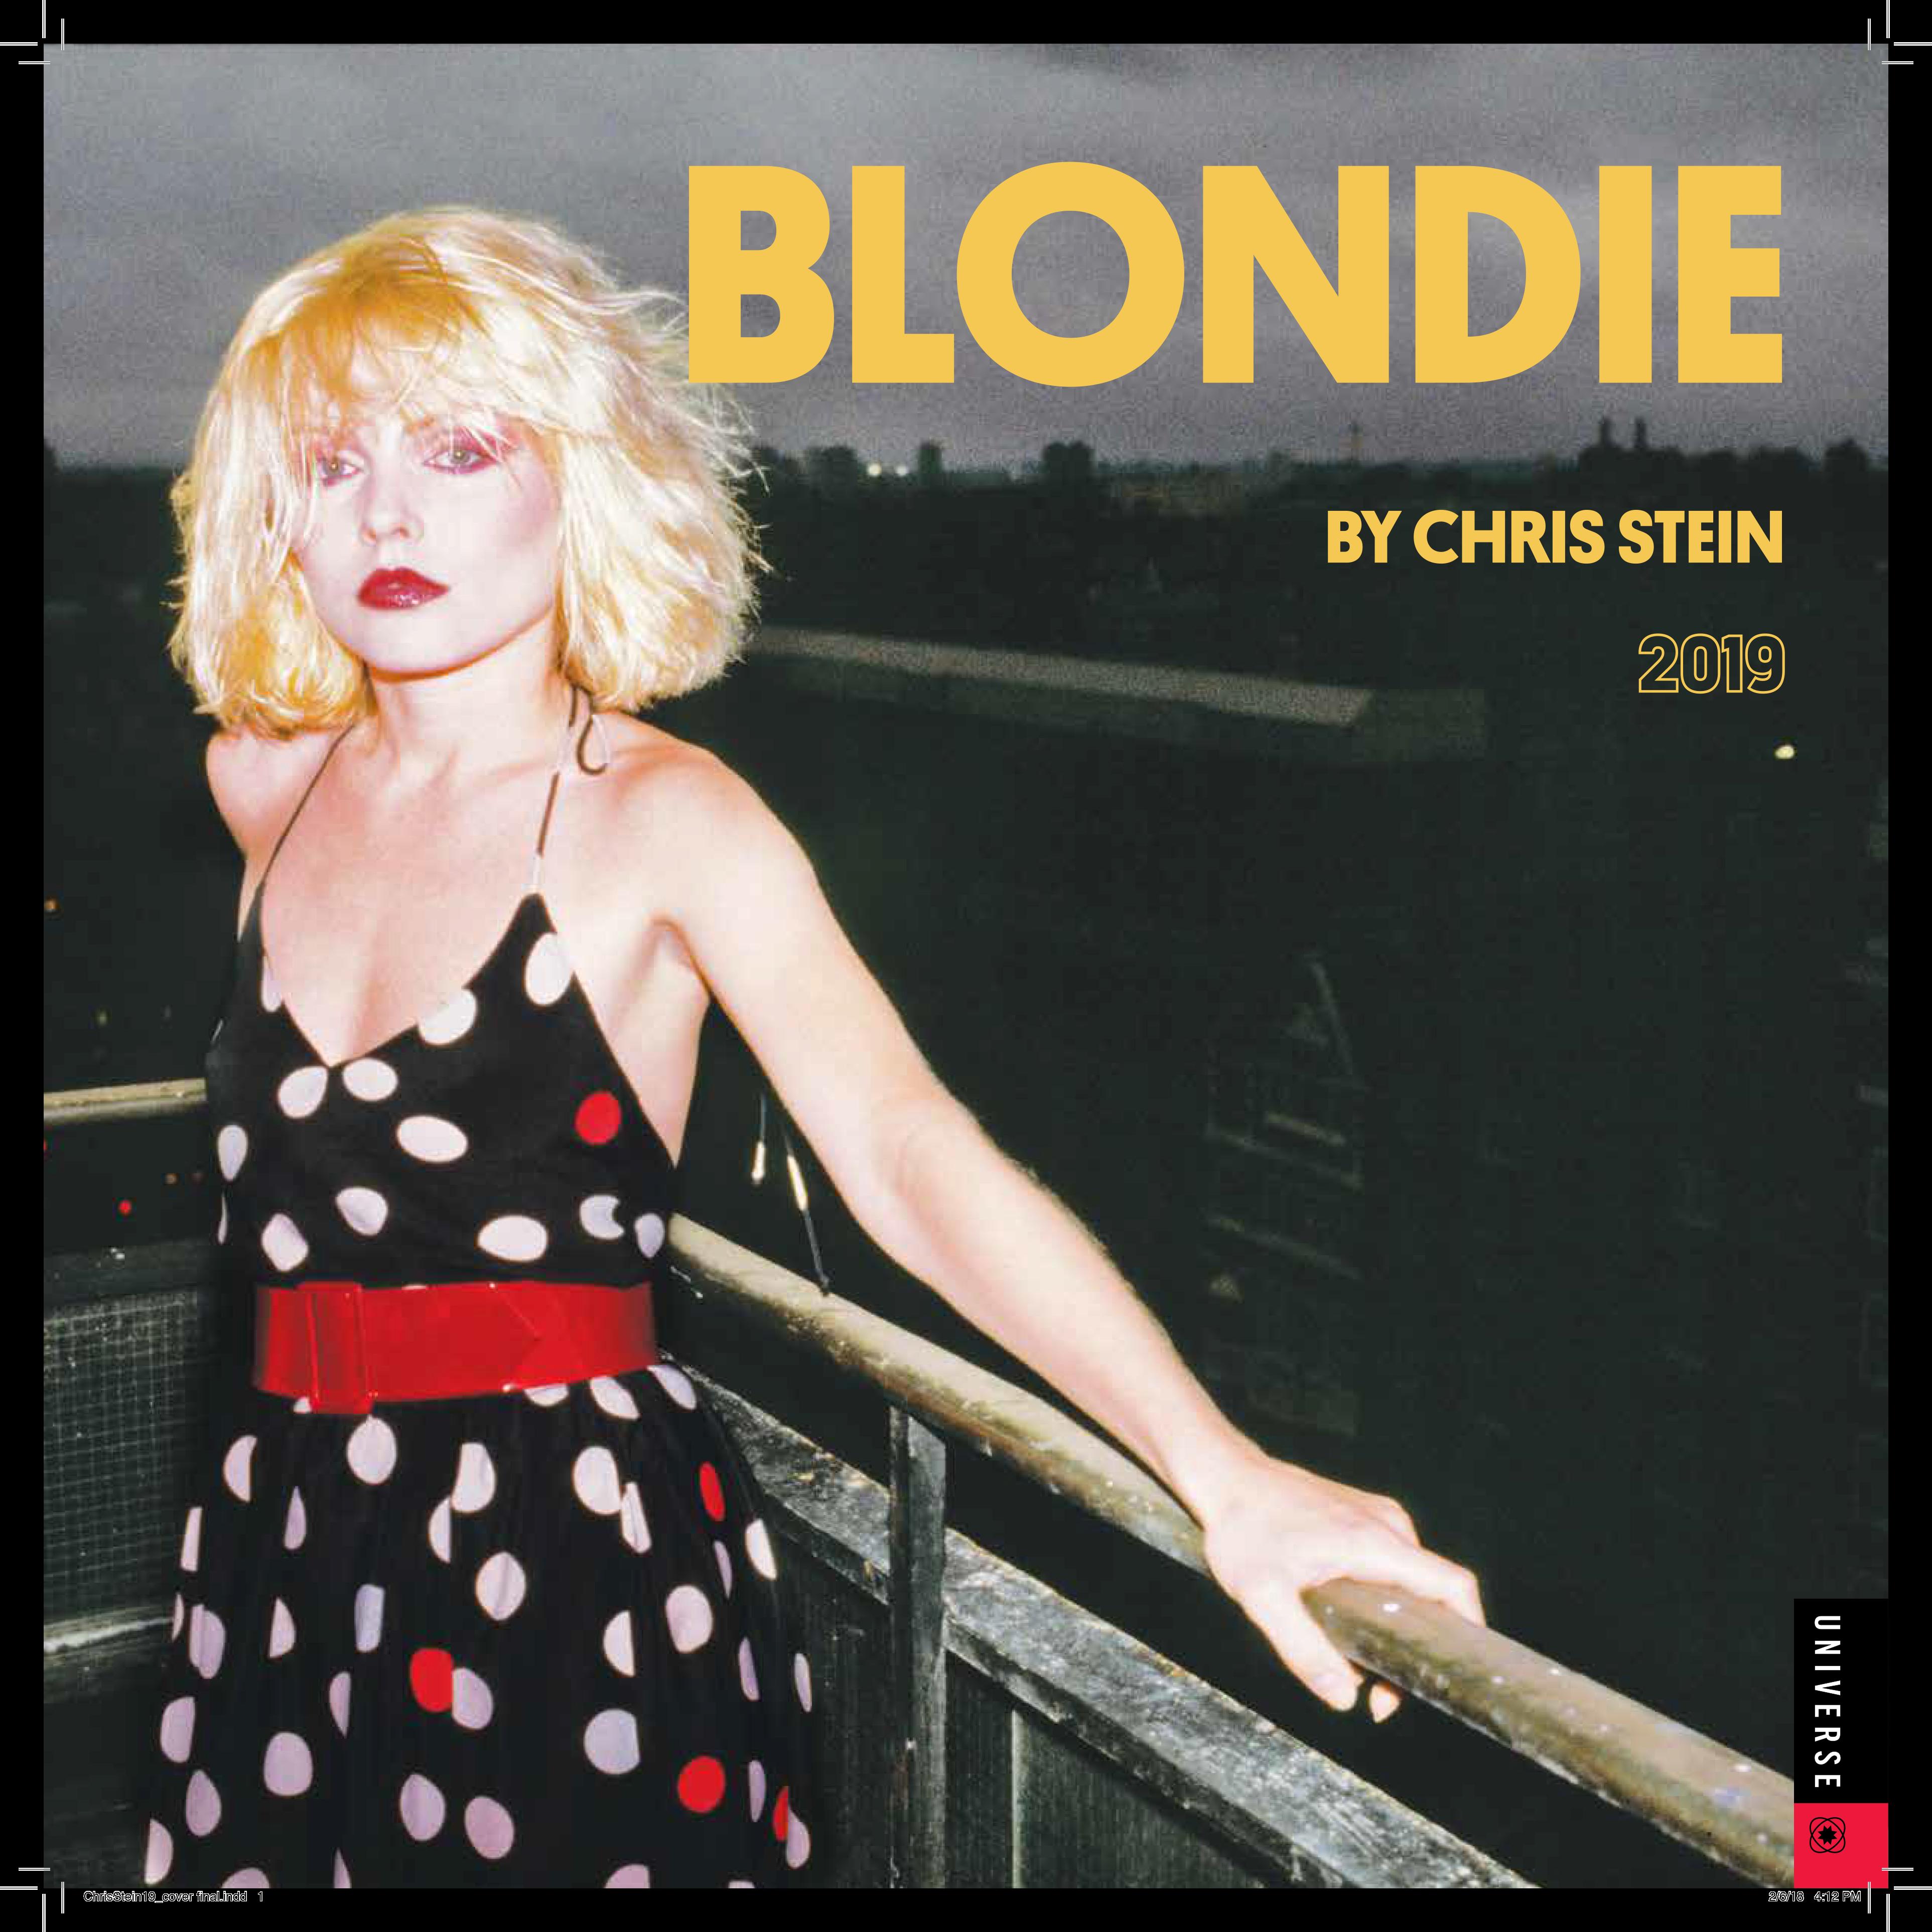 BY CHRIS STEIN CALENDAR 2019 - BlondieUS